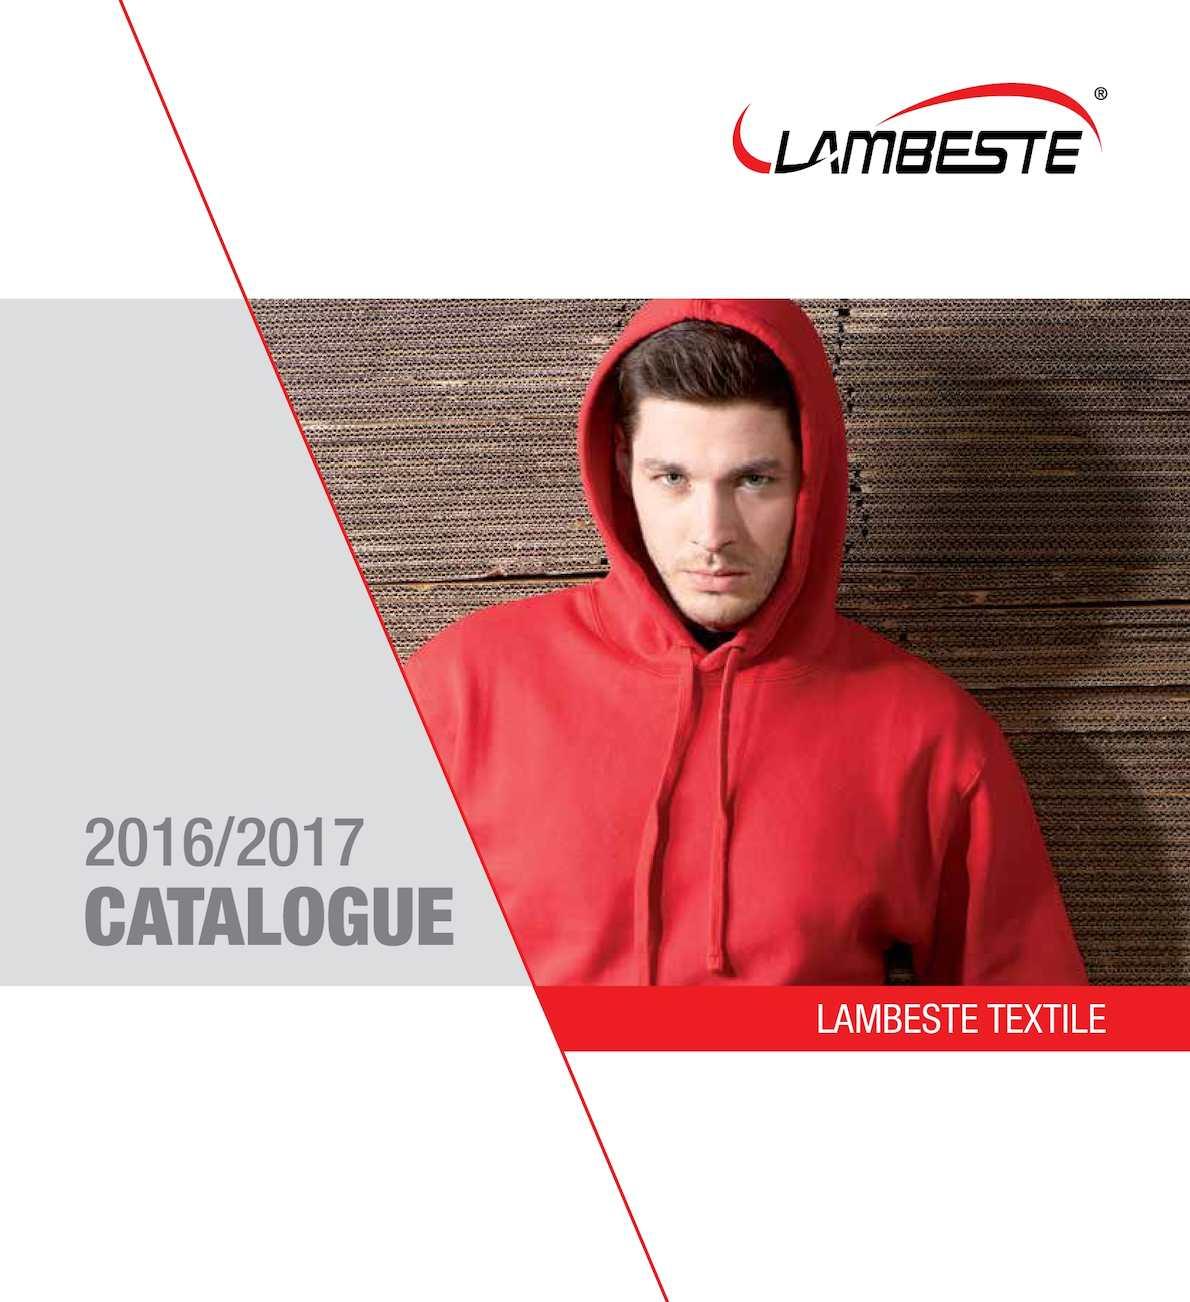 Lamb2016 2017